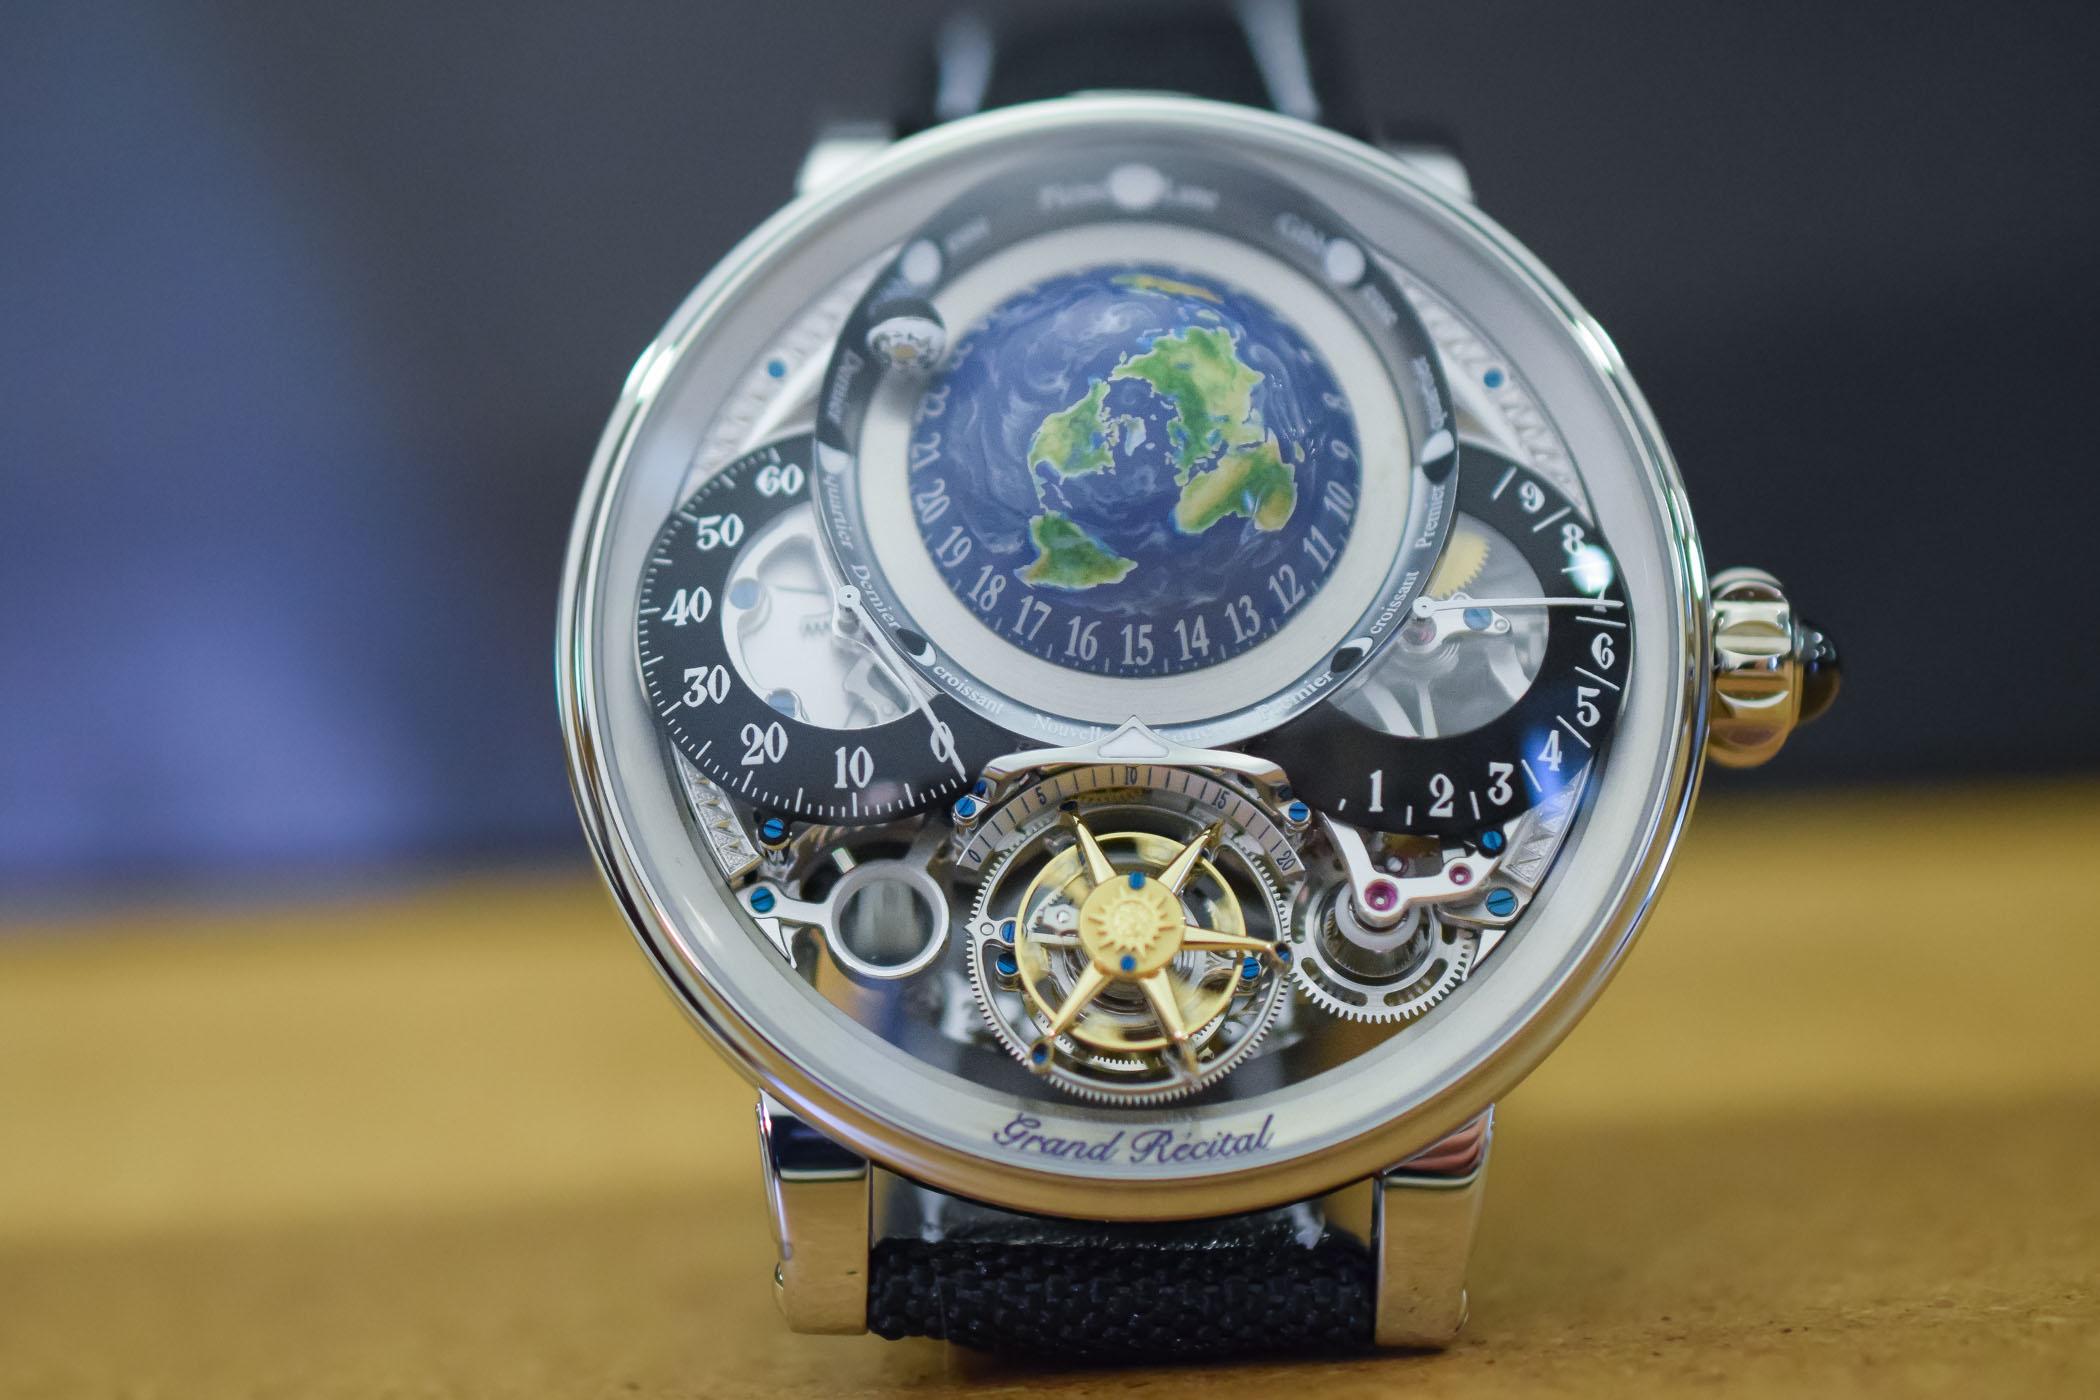 """Những điều bất ngờ về chiếc đồng hồ """"nhỏ mà có võ"""", giá hơn chục tỷ đồng - 1"""